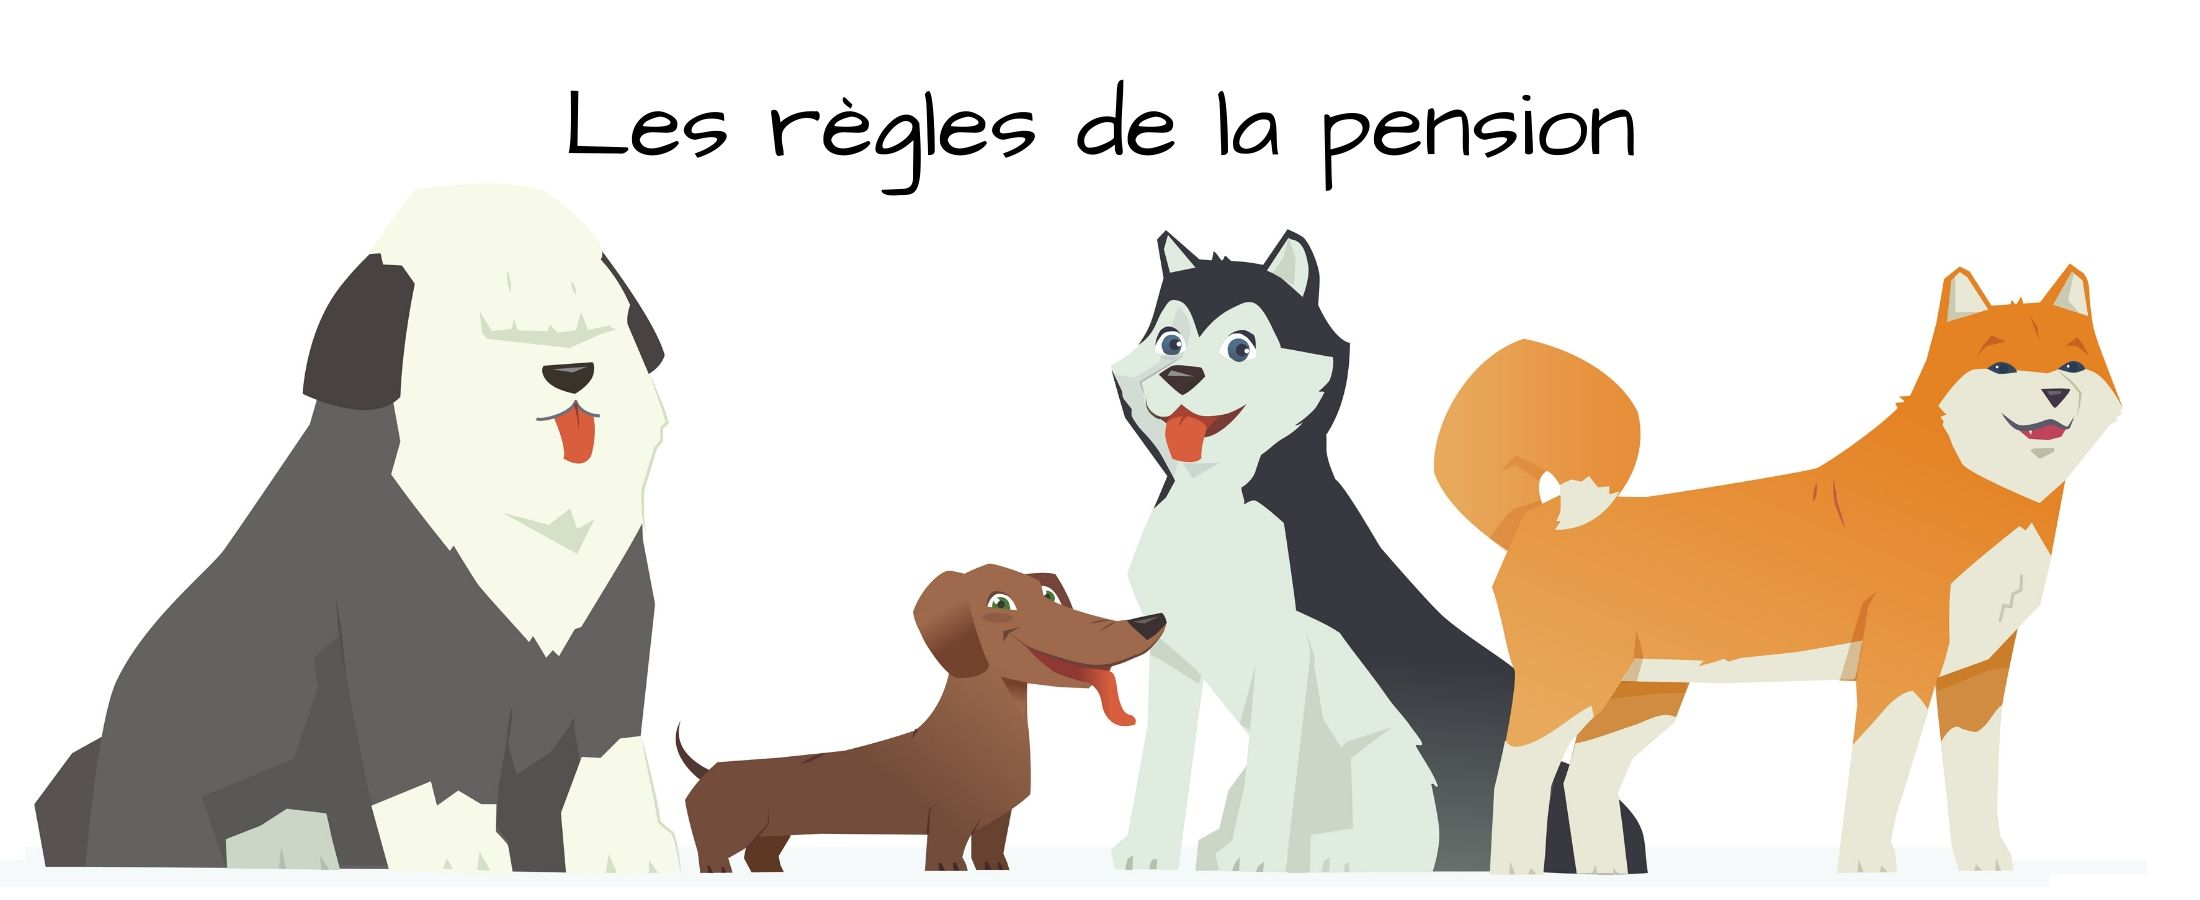 Les règles de la pension canine changent.